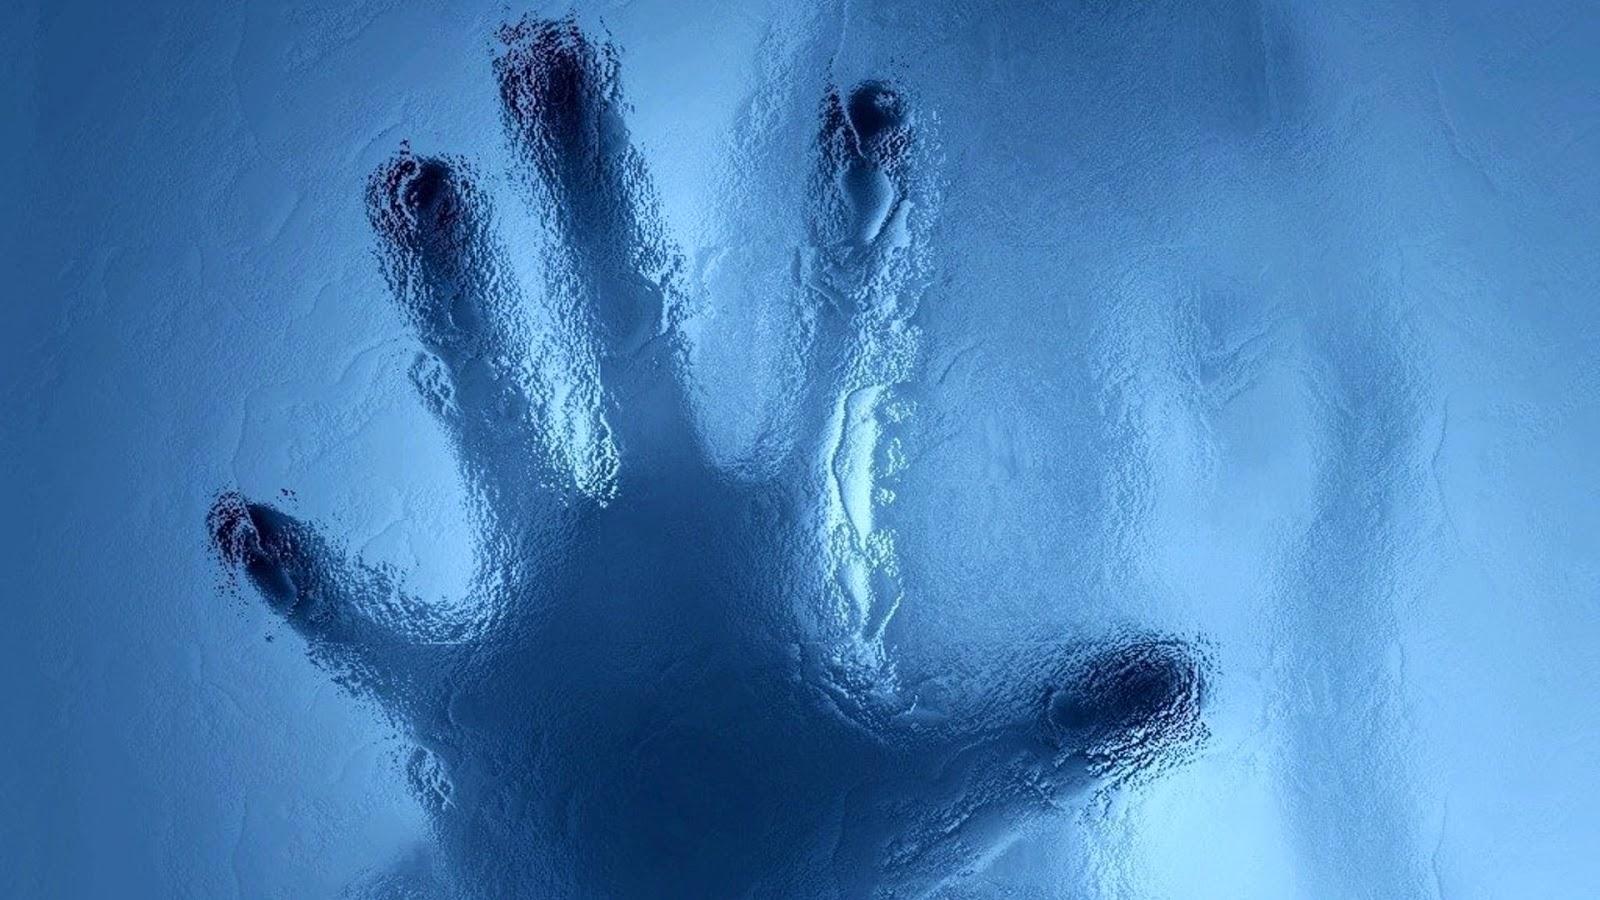 خلفيات فوتوغرافية للأيدي عالية الدقة